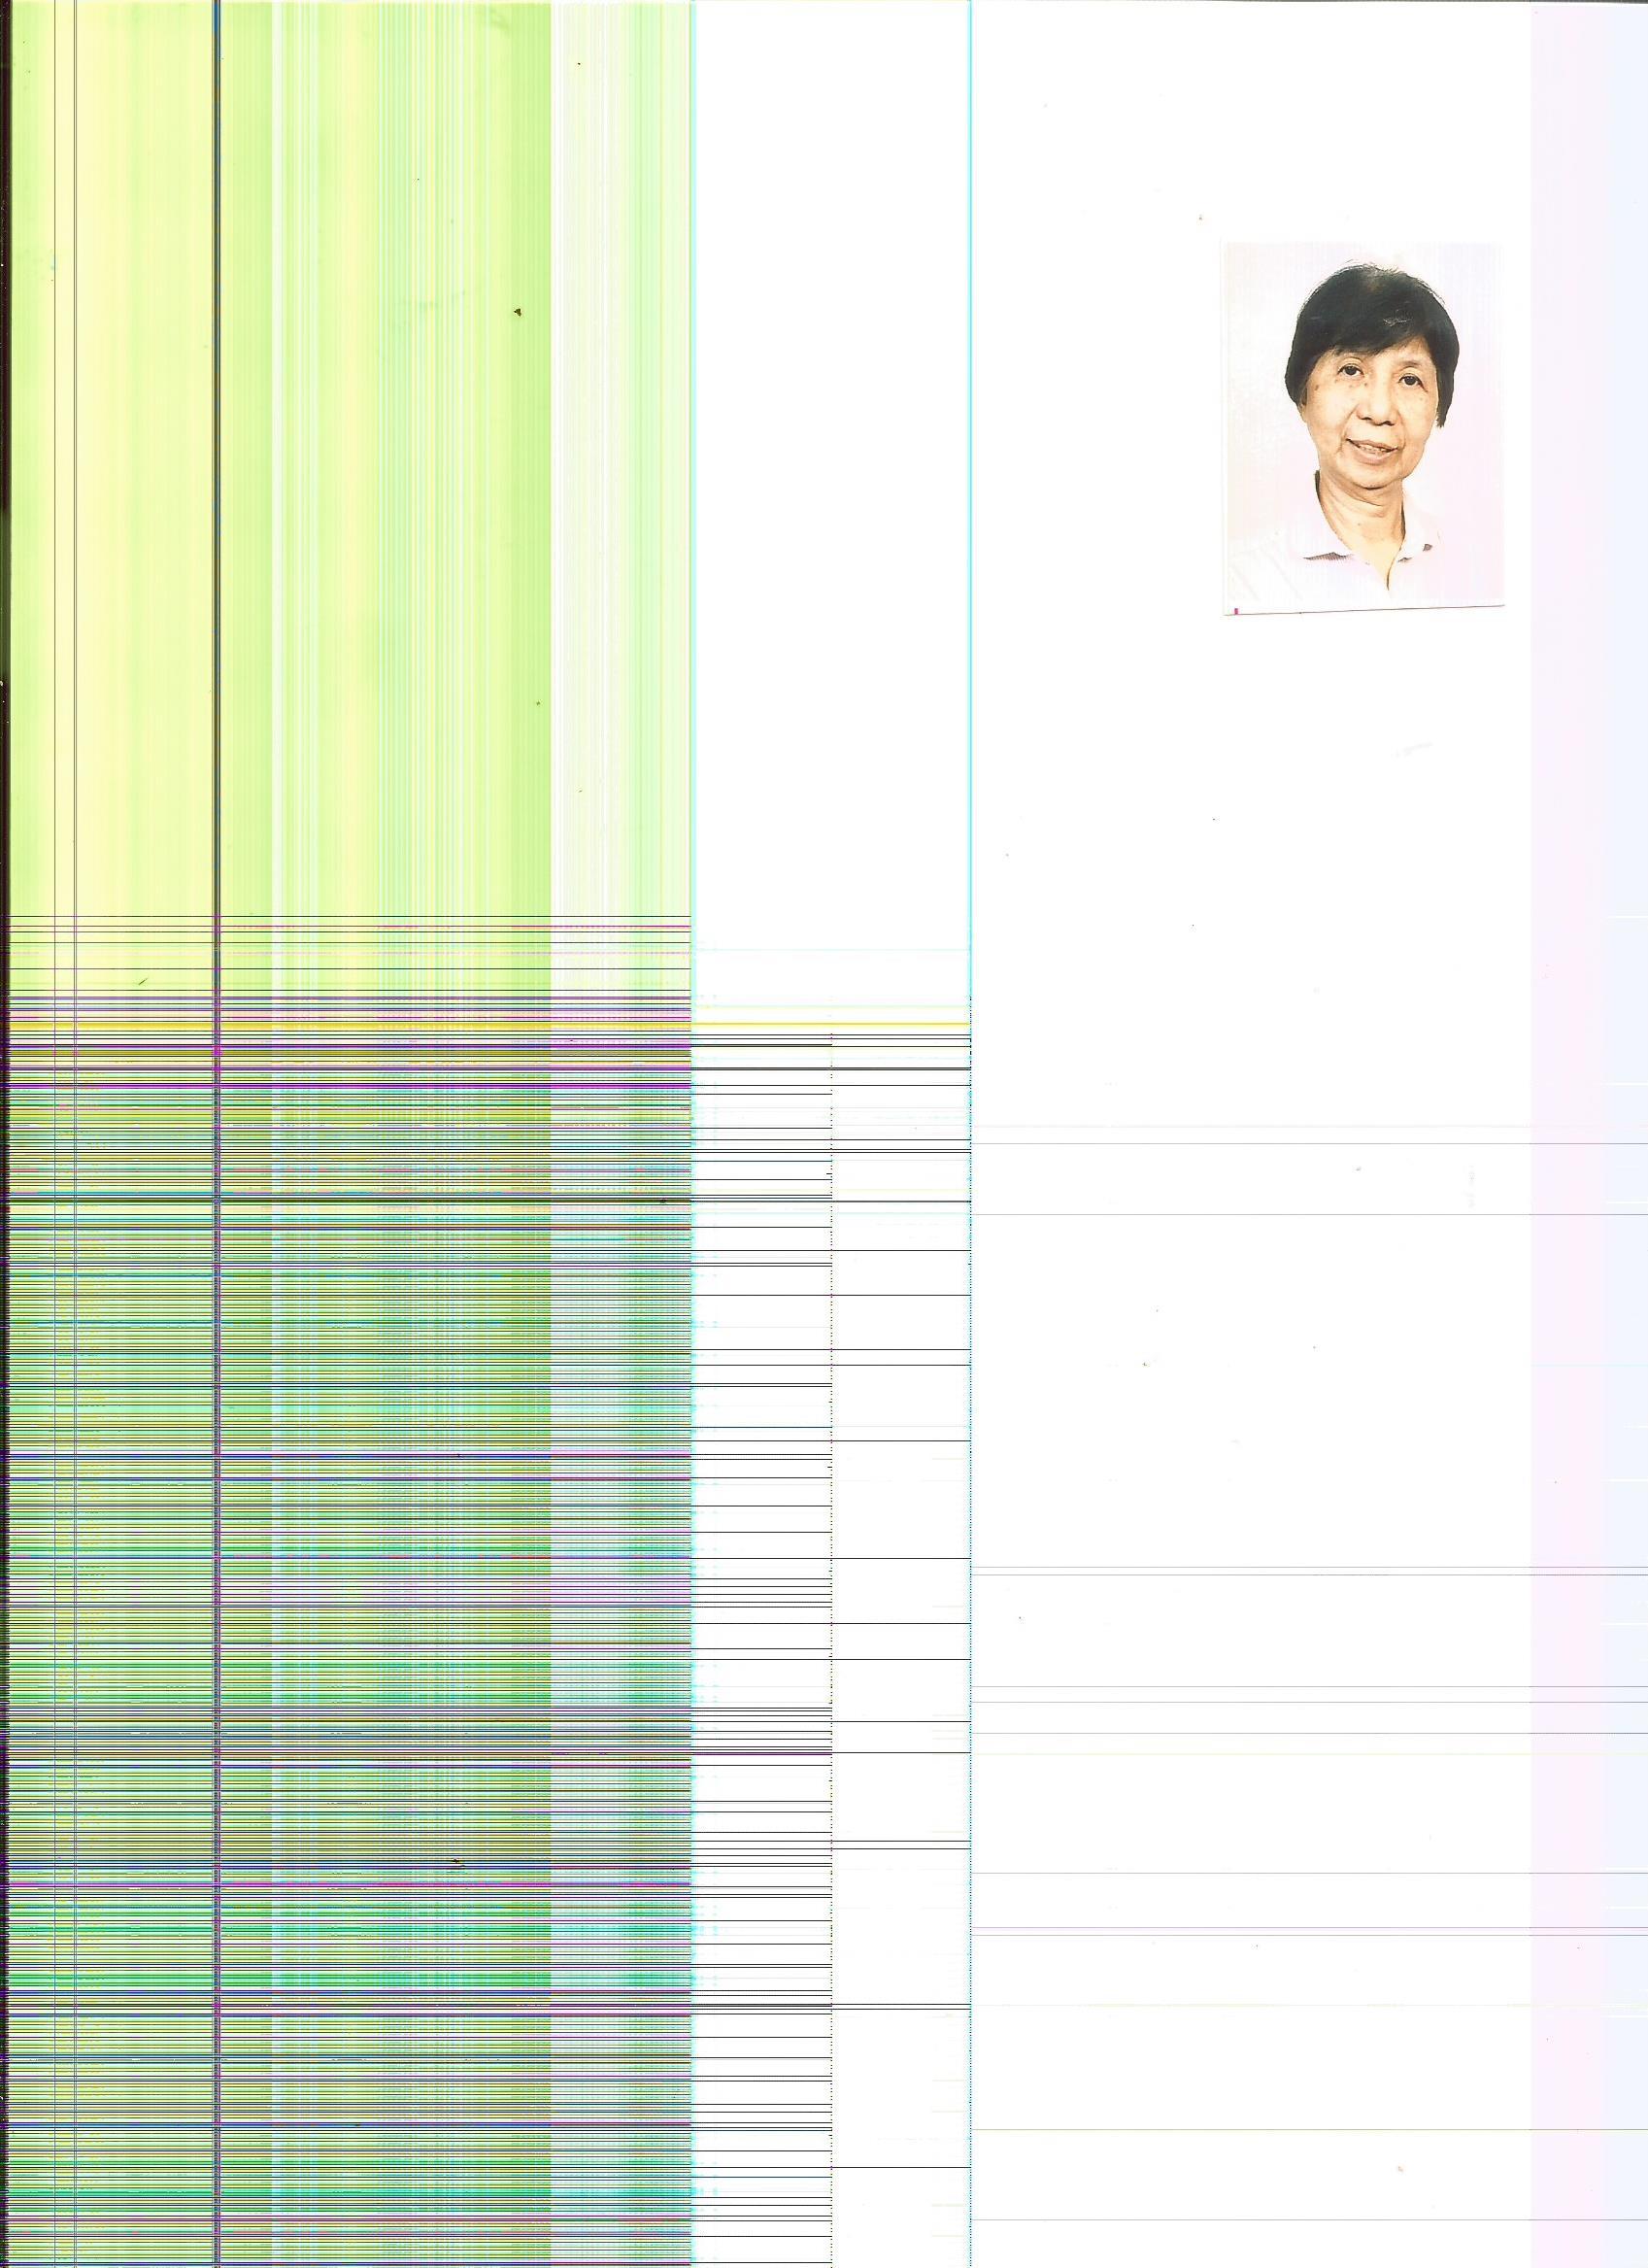 HP Deskjet 1515: HP Deskjet 1515 Scanner issues - eehelp com